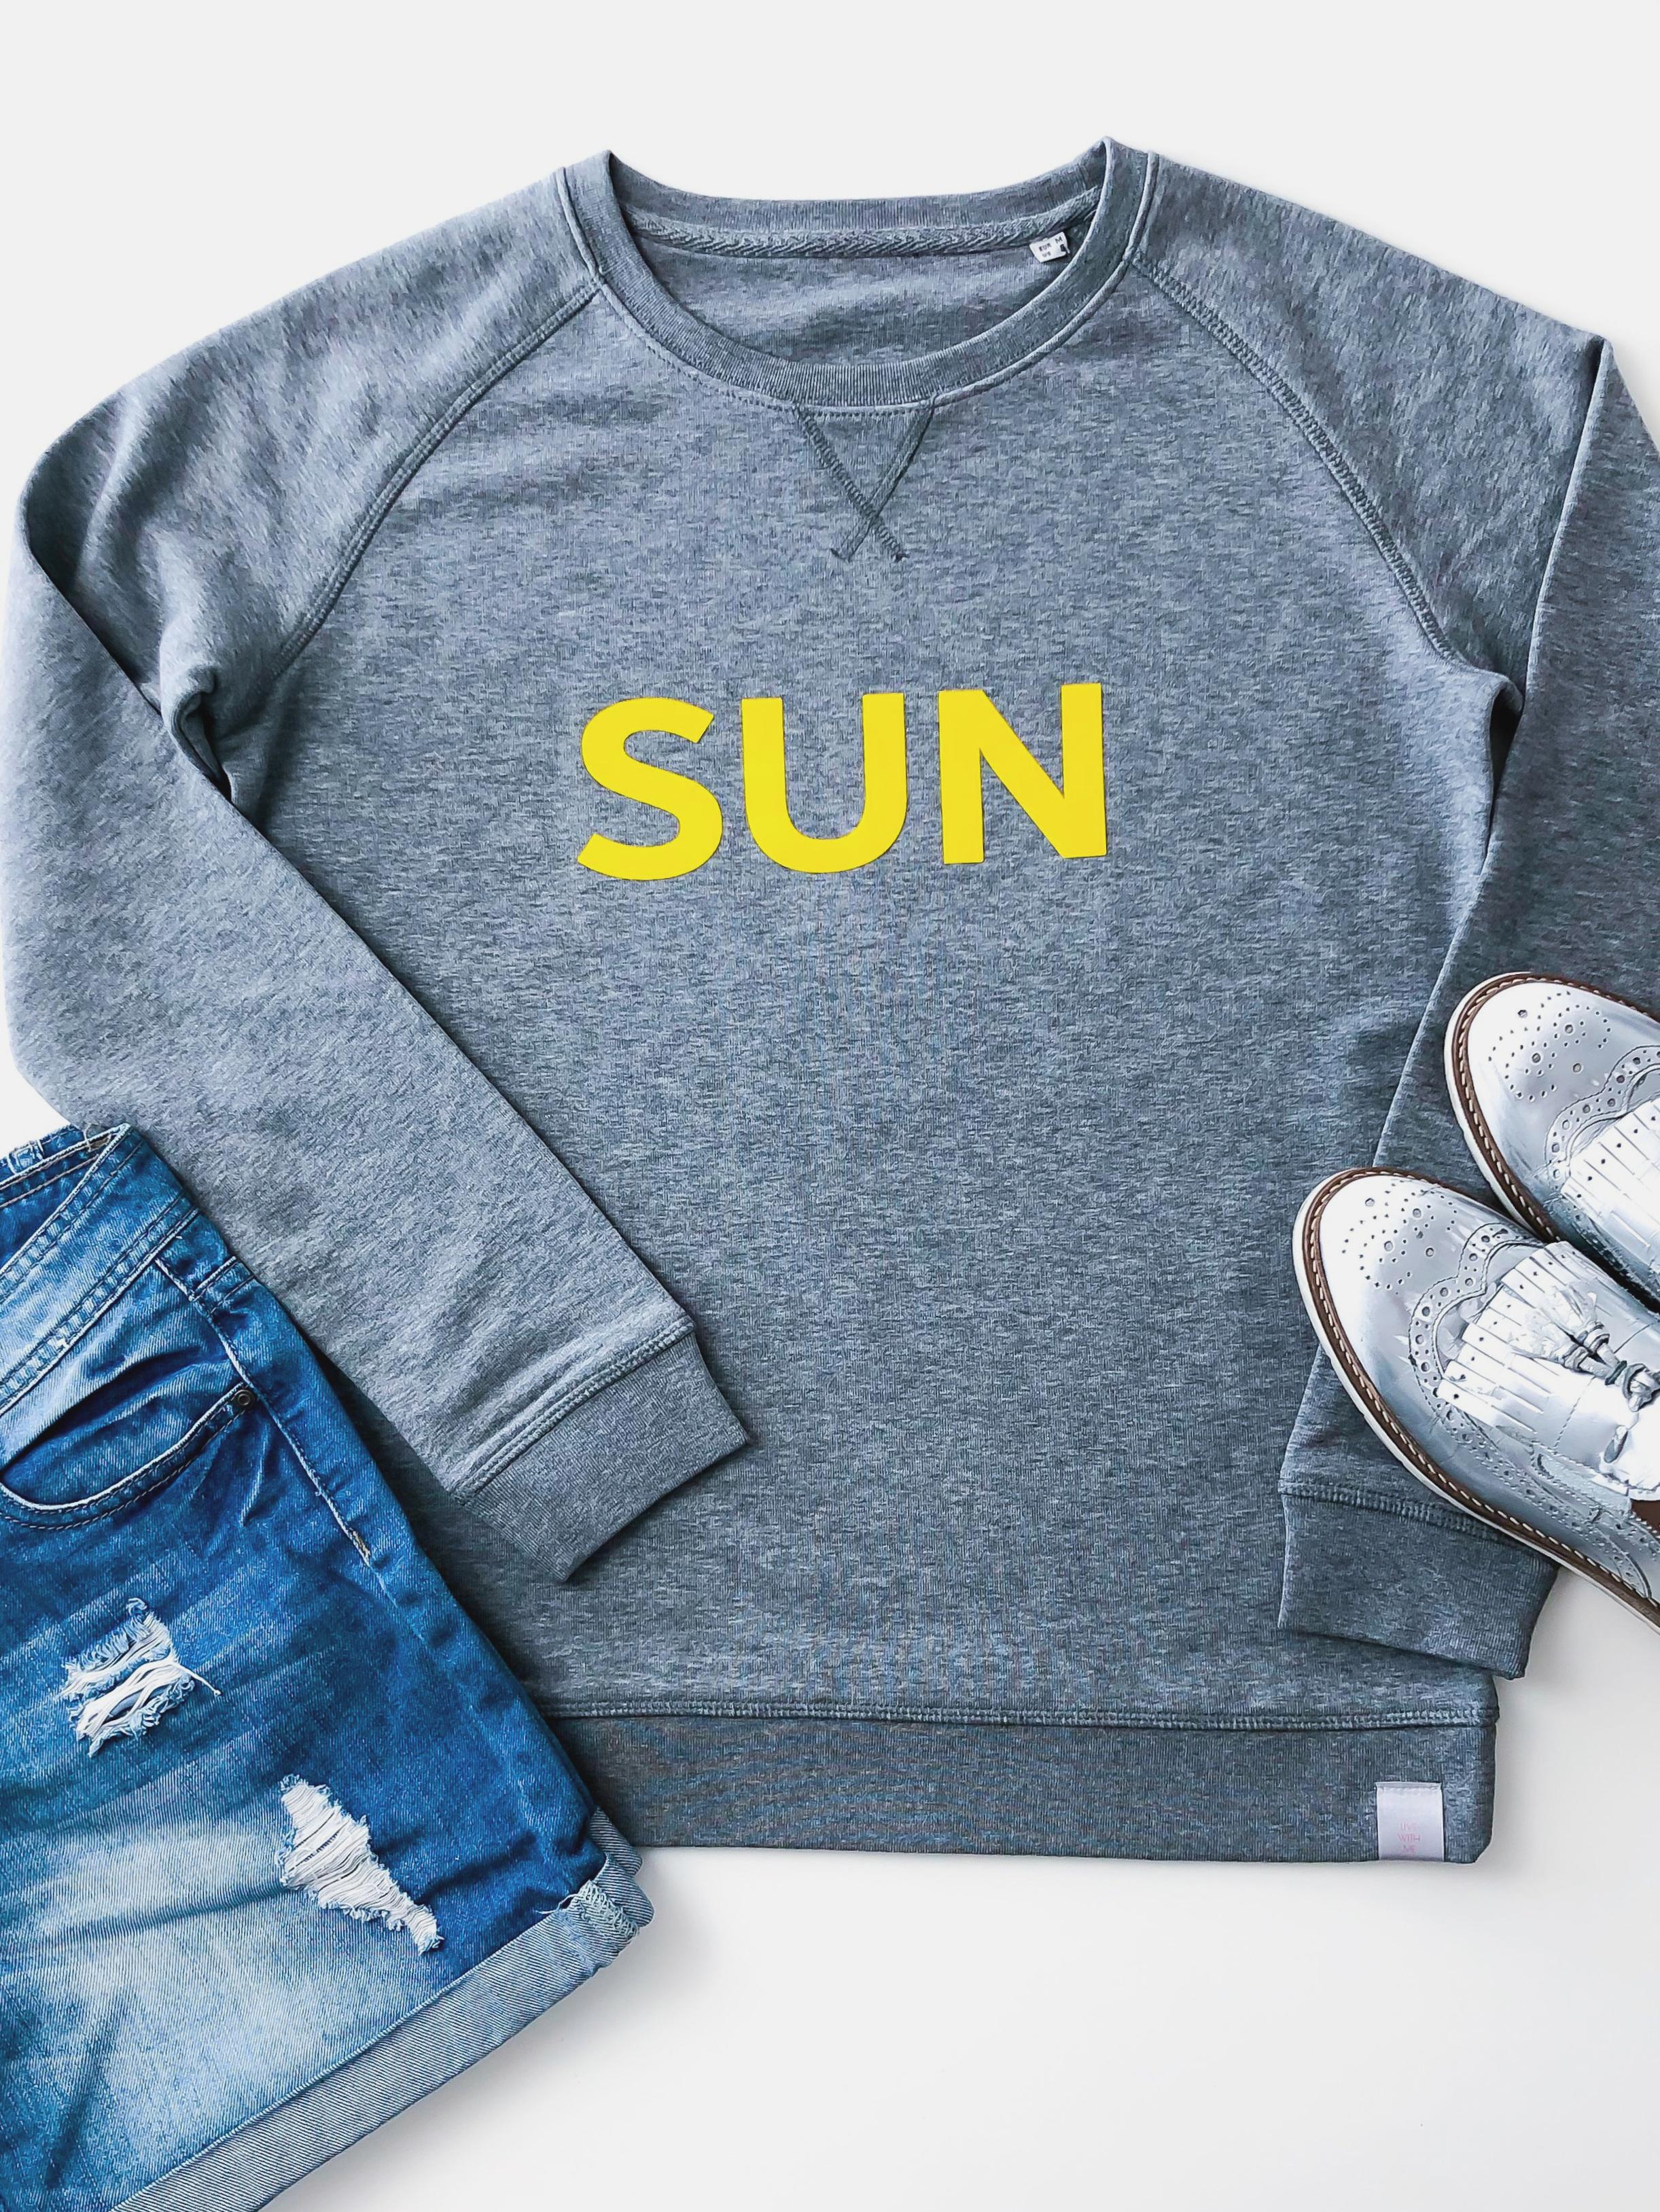 Setze ein STATEMENT - Mit unseren T-shirts und Sweatshirts in unterschiedlichen Styles!